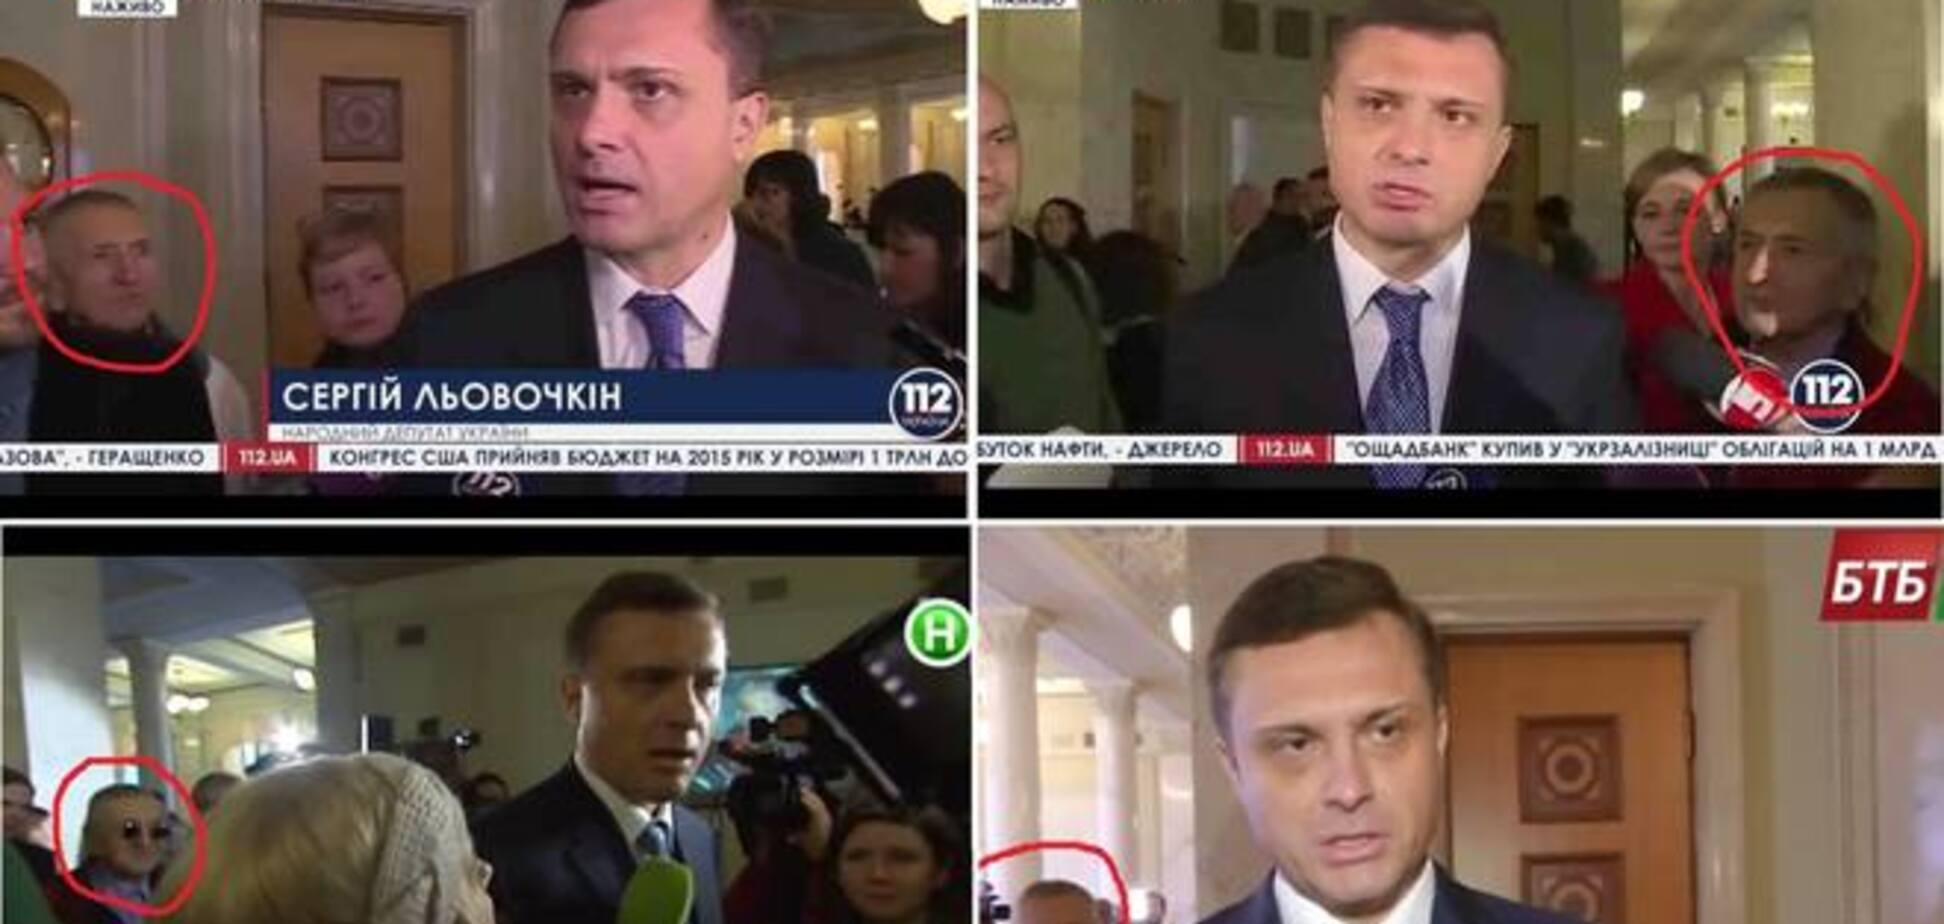 Таинственный 'Базилио' бродит по Раде: в сети рассекретили мужчину, сопровождающего политиков в парламенте